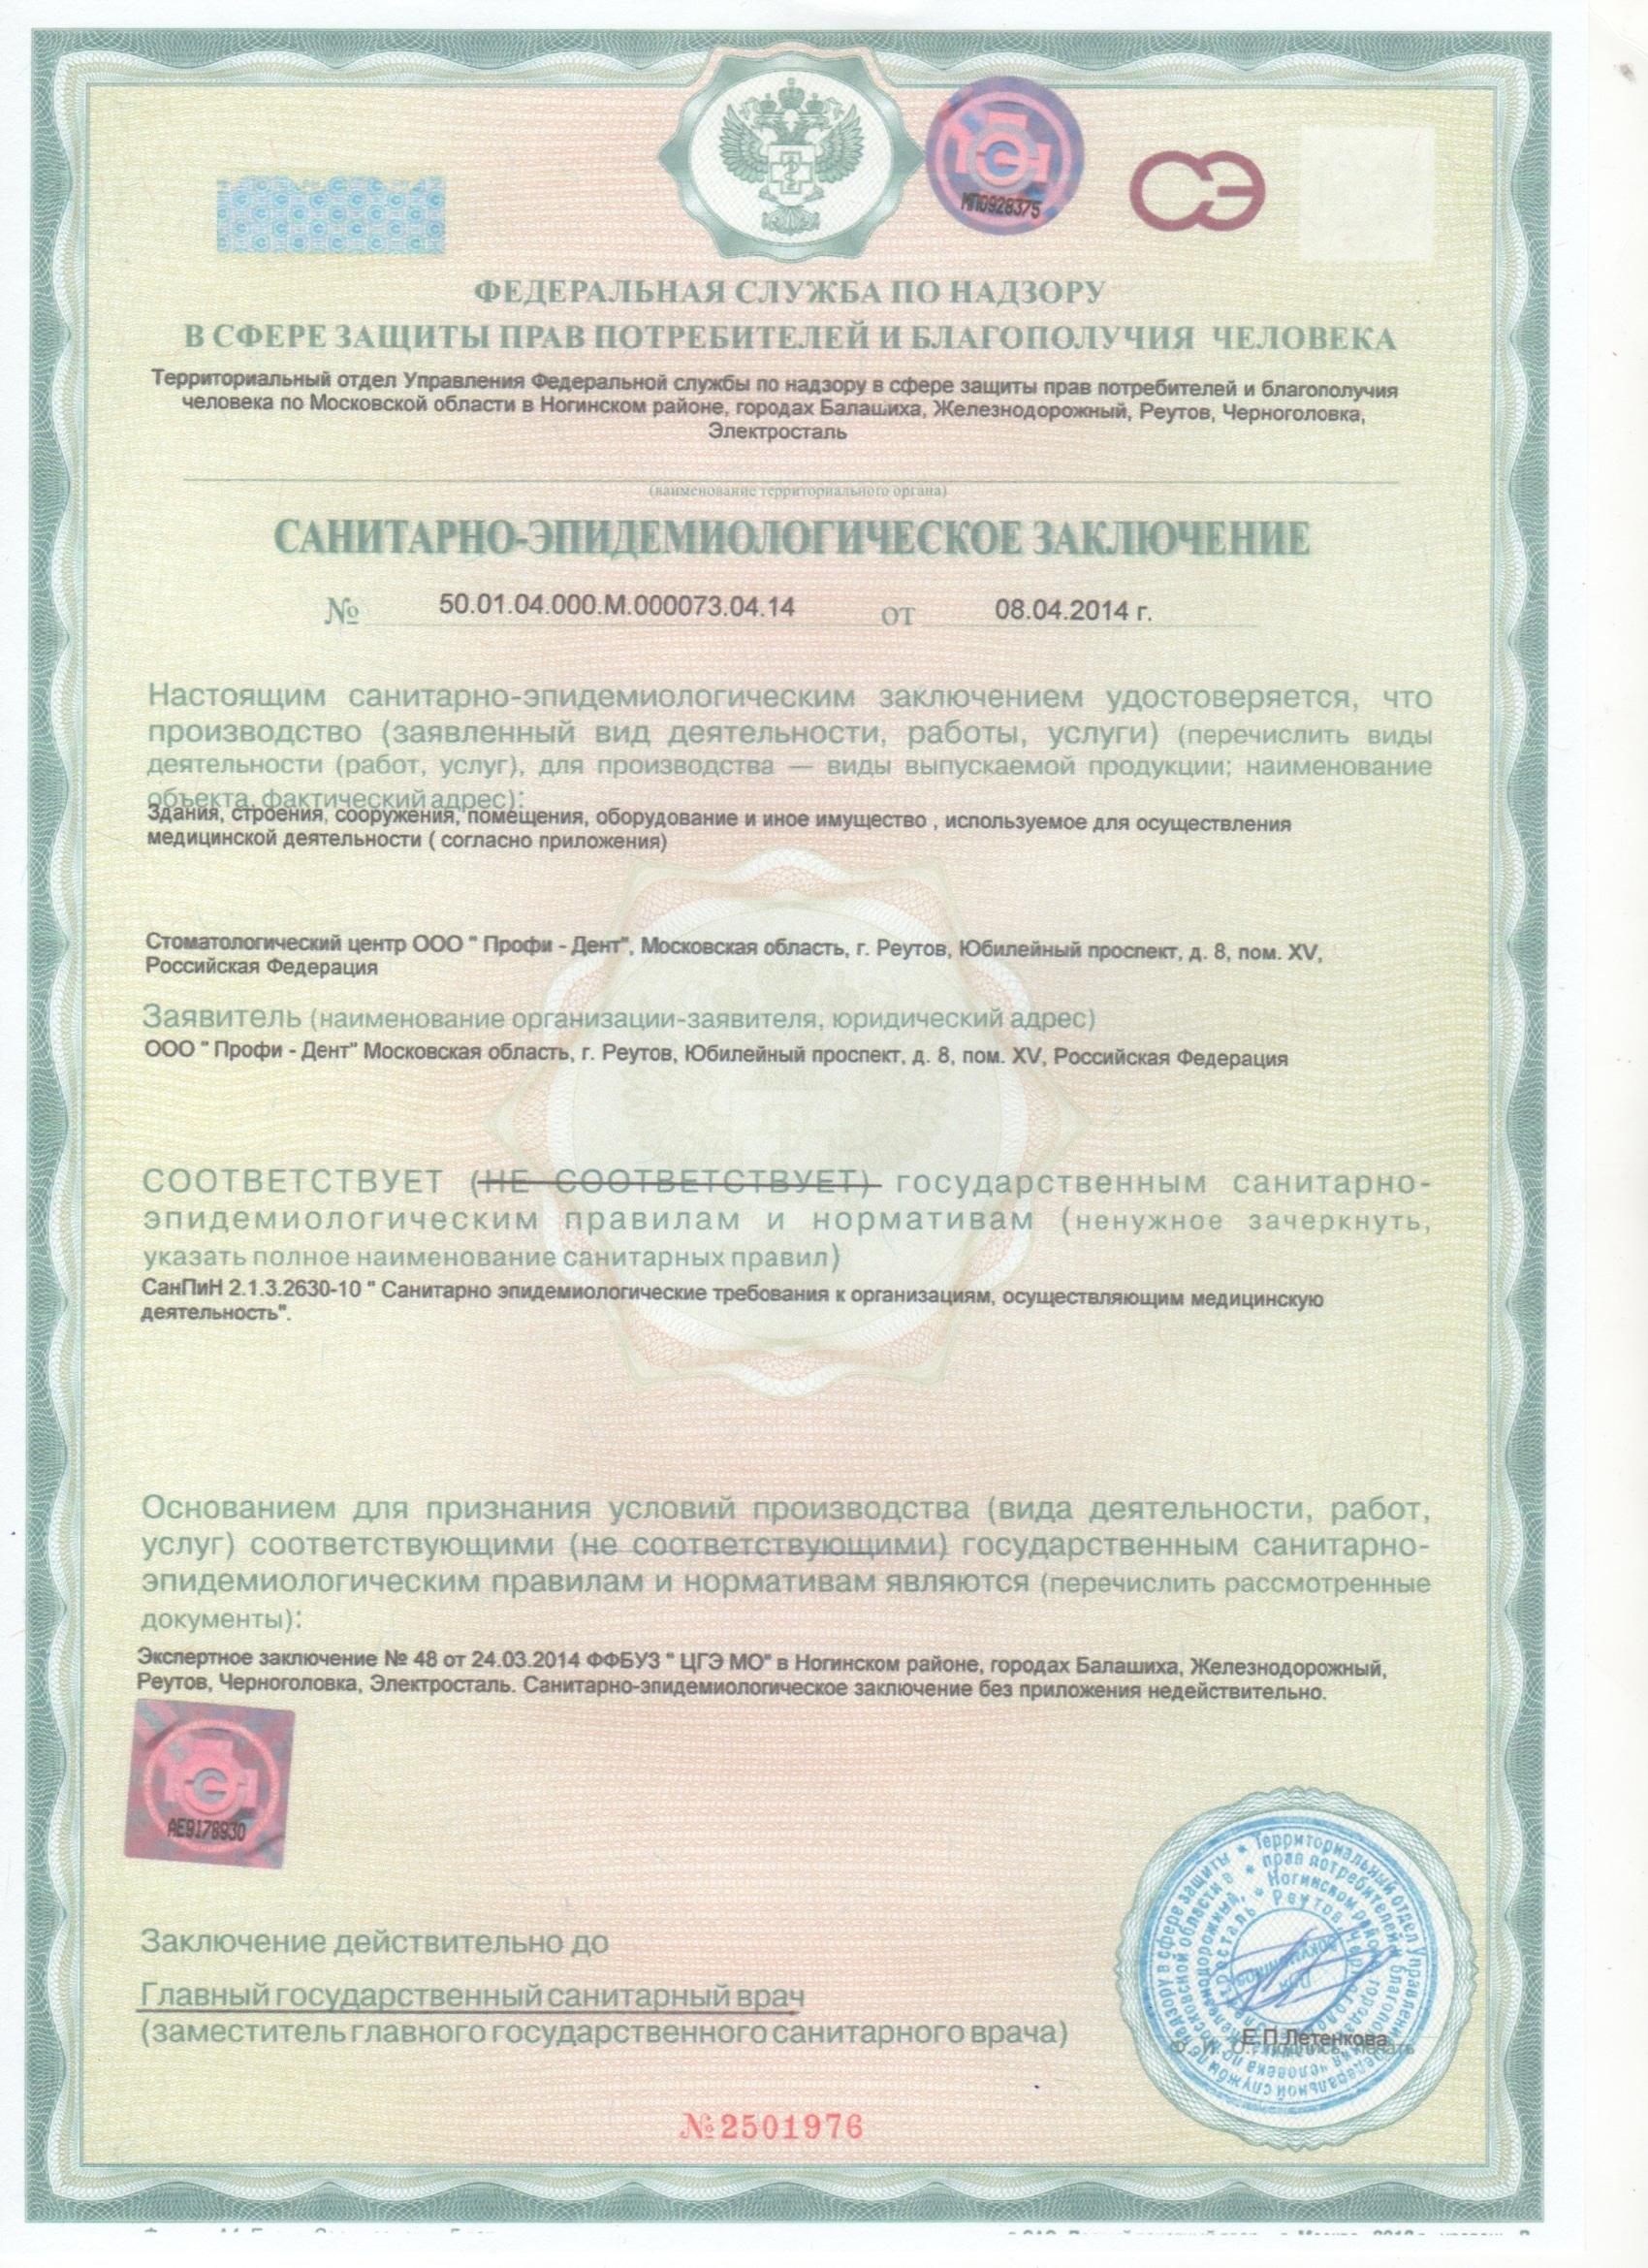 Купить водительская медицинская справка в Москве Новокосино